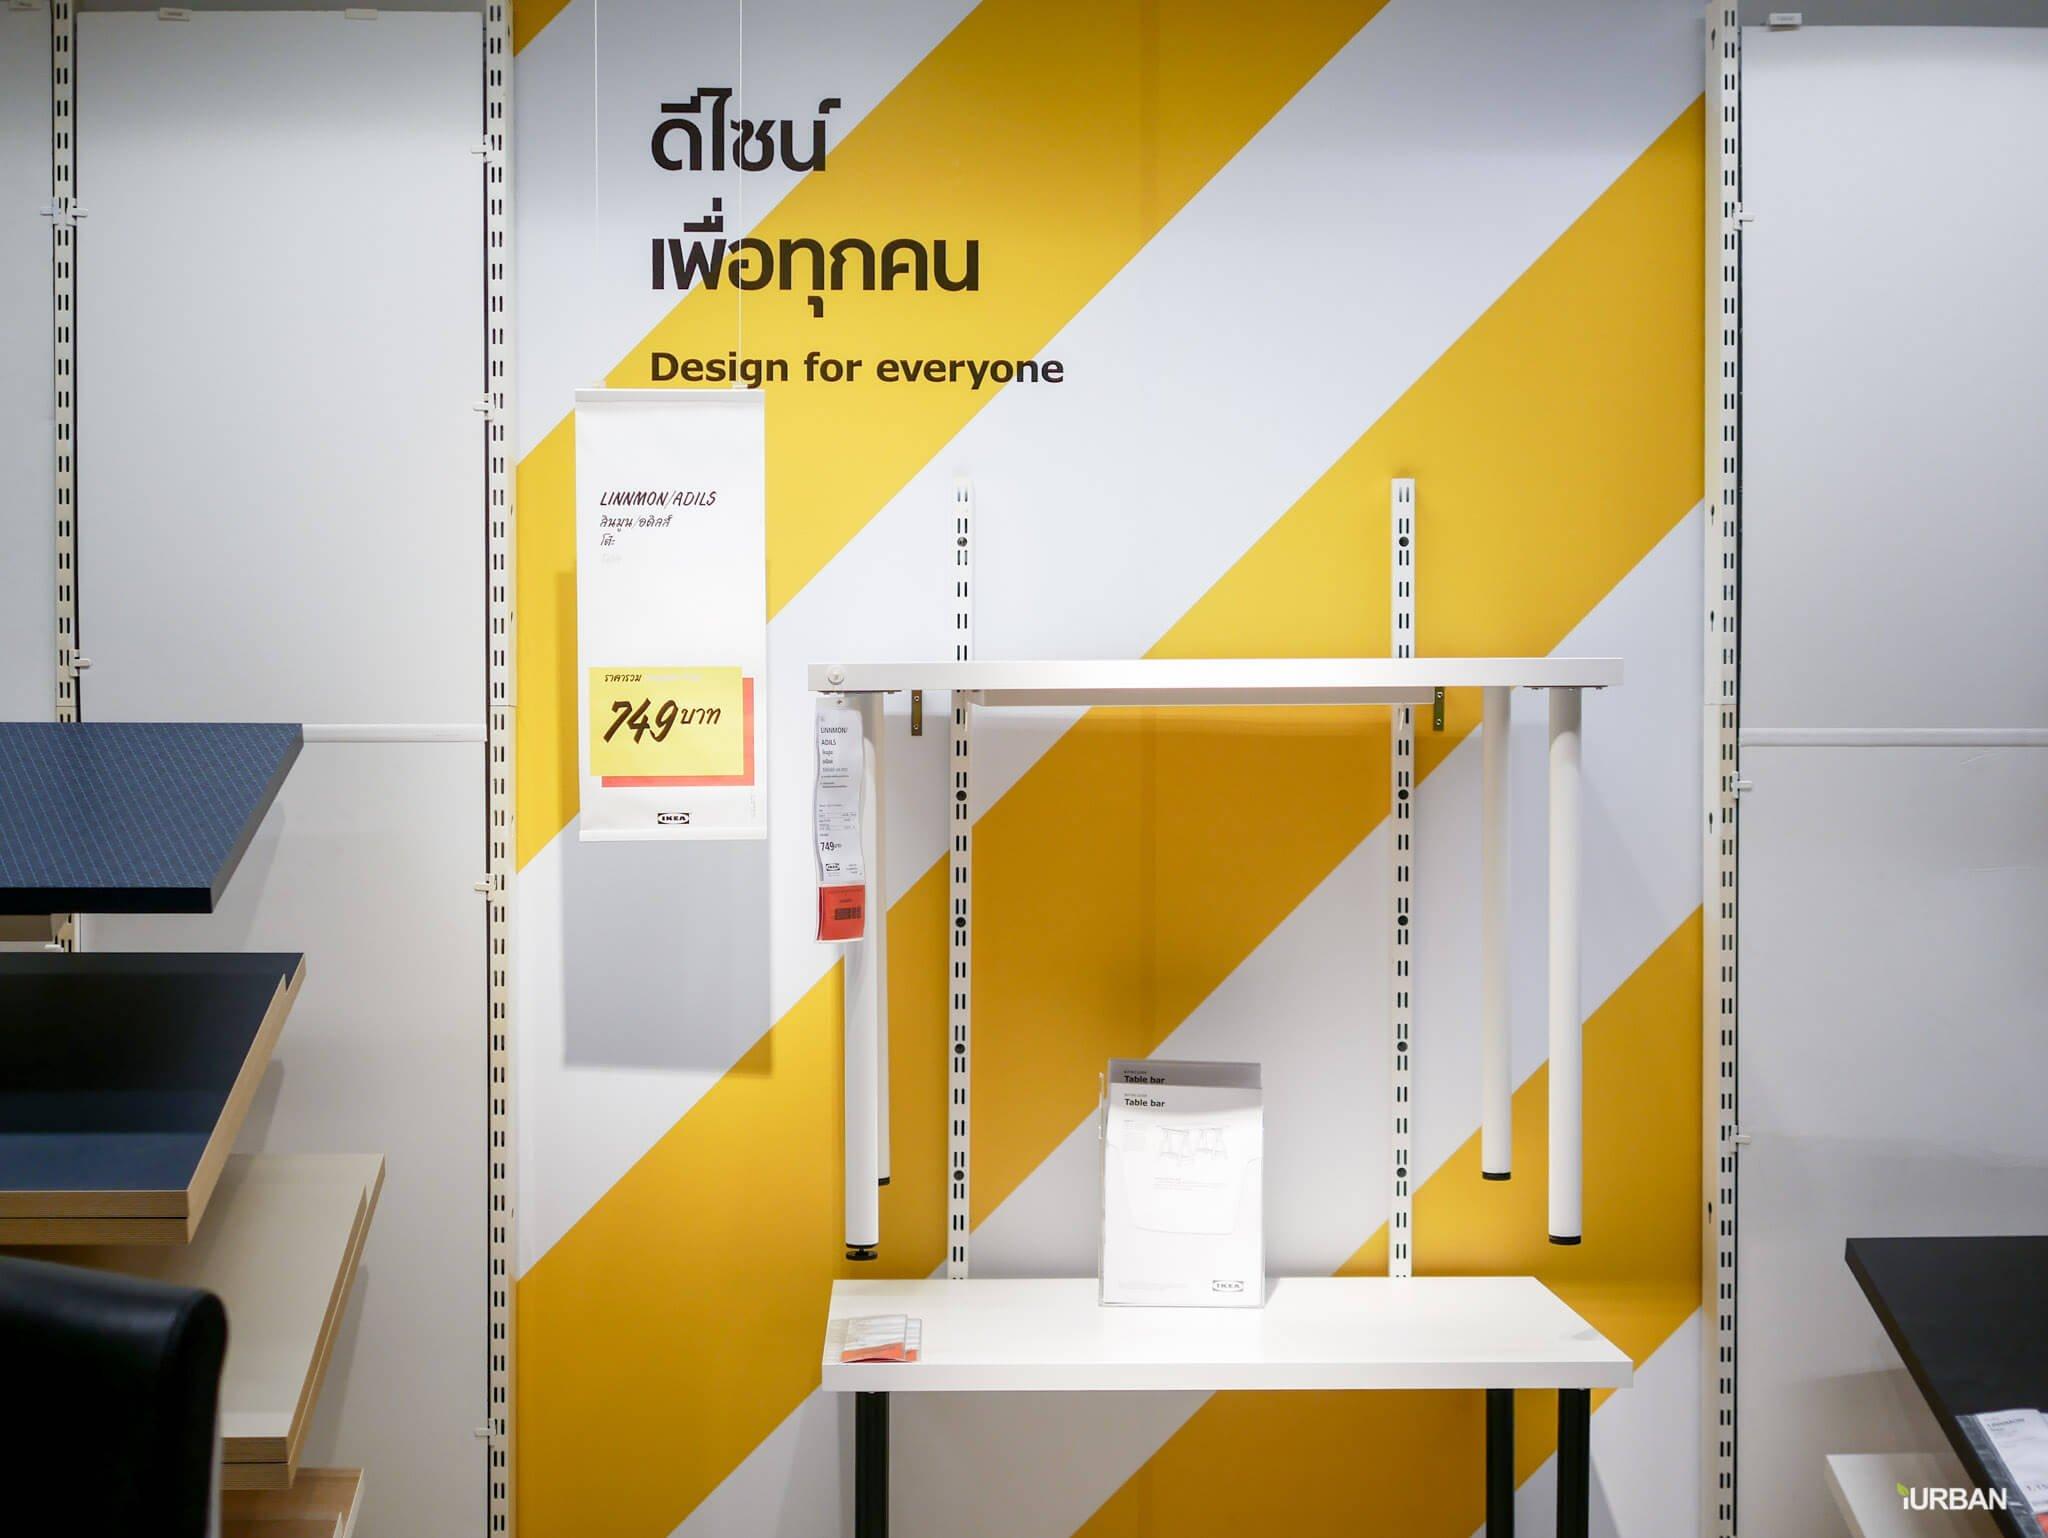 มันเยอะมากกกก!! IKEA Year End SALE 2017 รวมของเซลในอิเกีย ลดเยอะ ลดแหลก รีบพุ่งตัวไป วันนี้ - 7 มกราคม 61 87 - IKEA (อิเกีย)